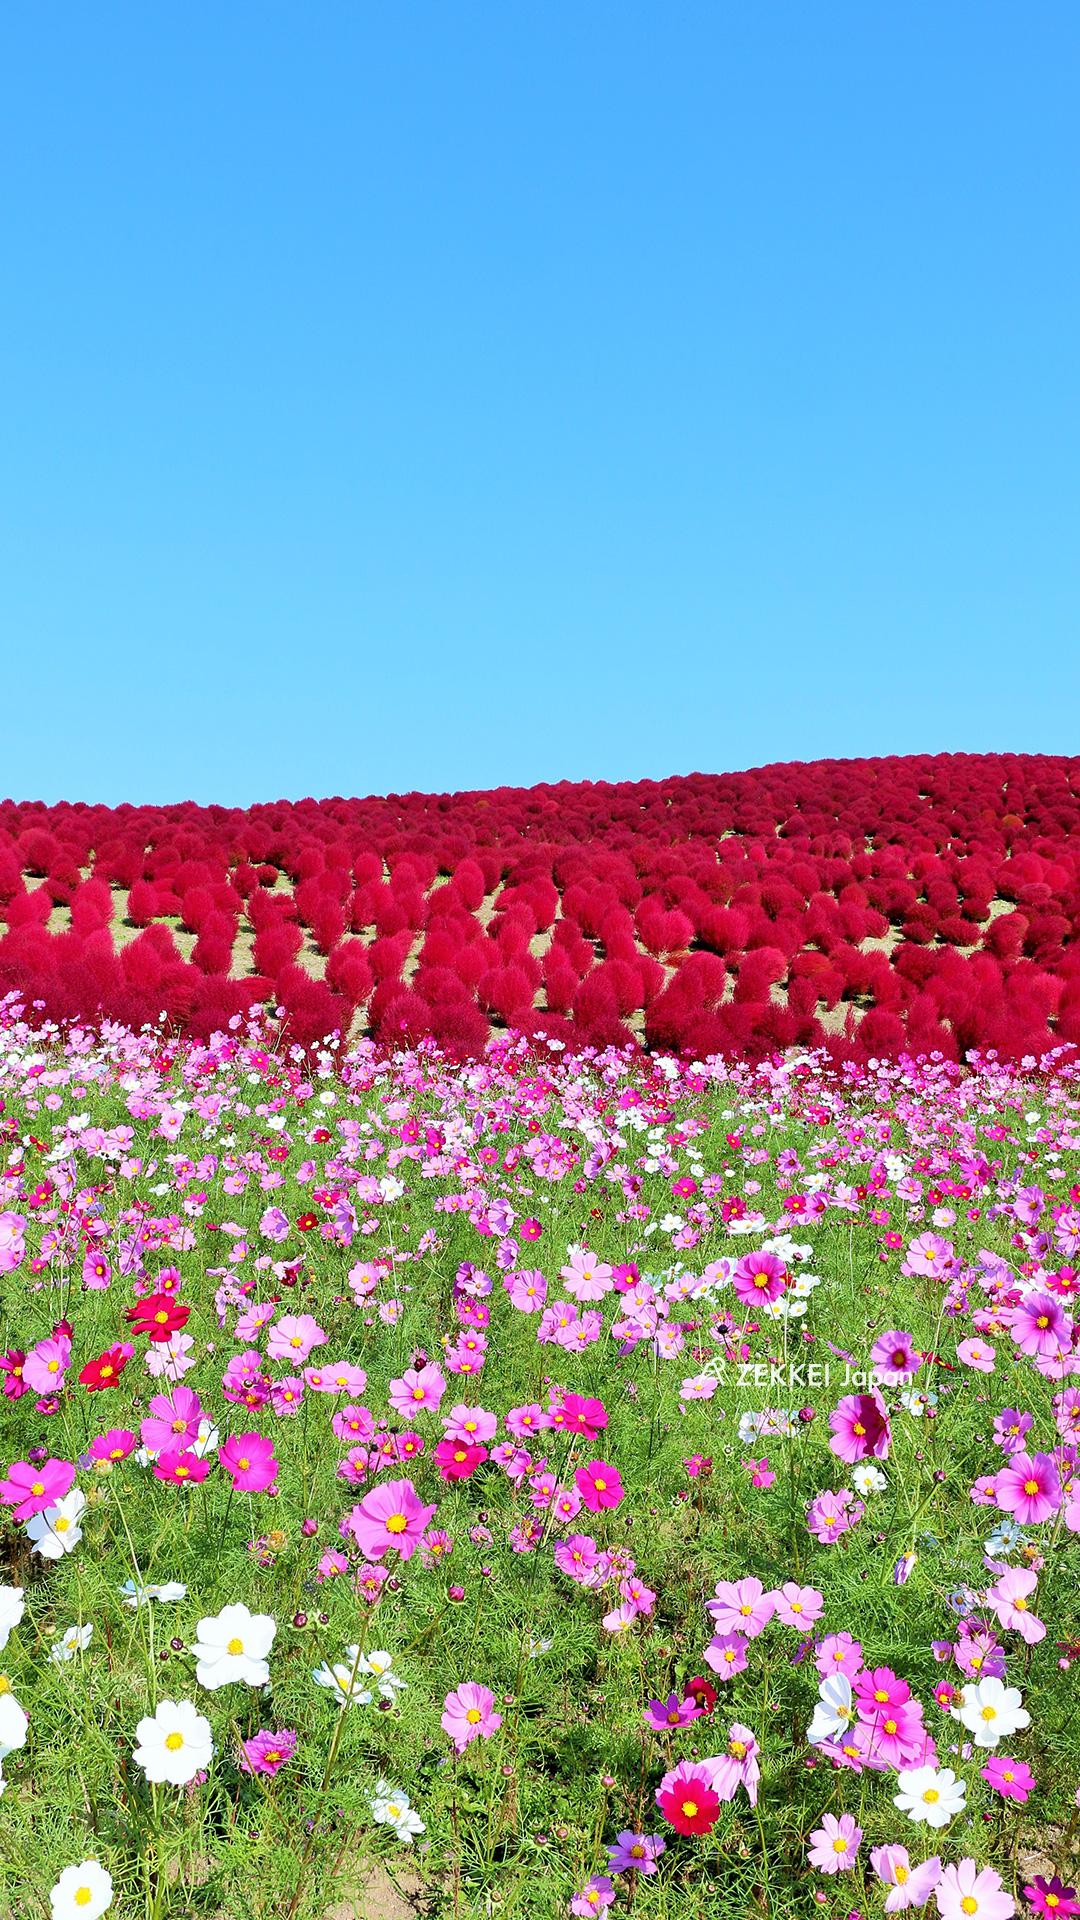 絶景壁紙 花言葉は 乙女の真心 爽やかな空に映えるコスモスの絶景